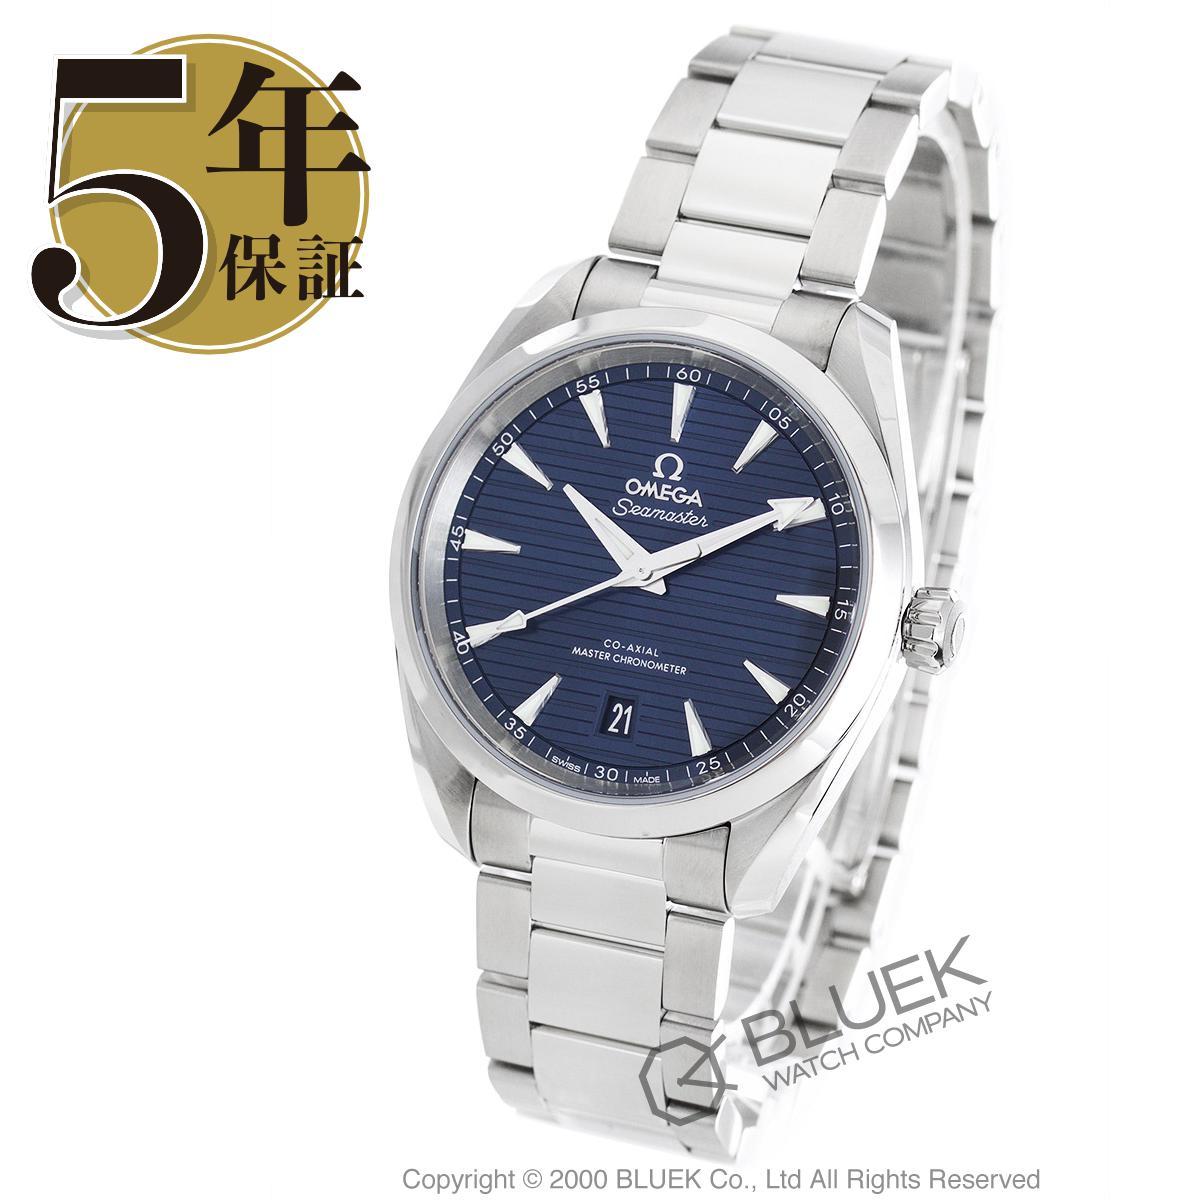 オメガ シーマスター アクアテラ マスタークロノメーター 腕時計 メンズ OMEGA 220.10.38.20.03.001_8